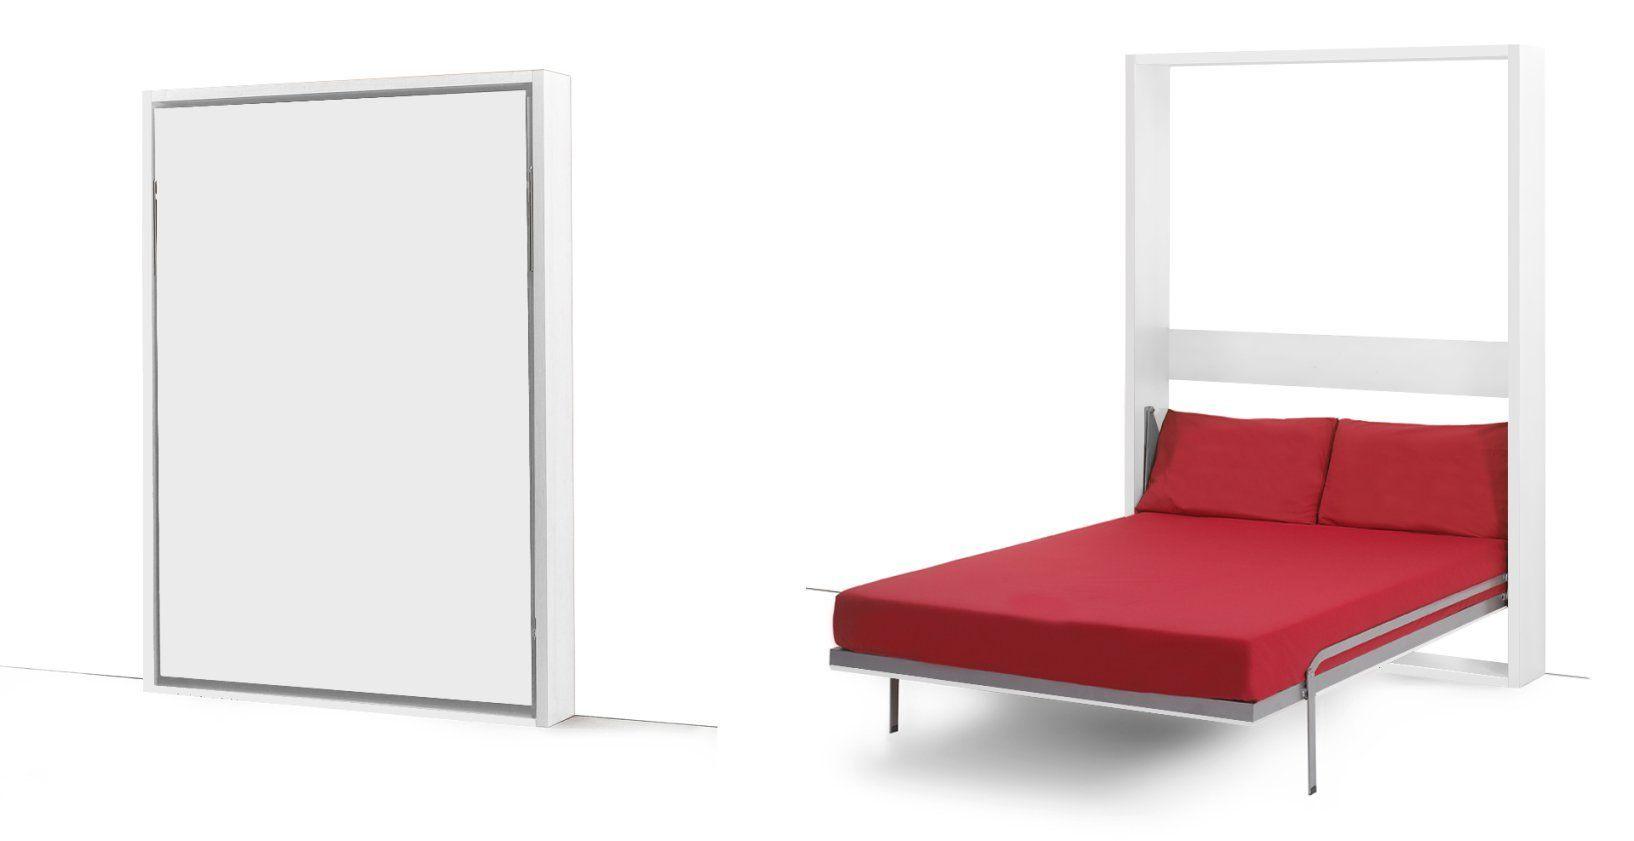 Lit Brimnes Ikea Occasion Frais Lit Escamotable but Luxe S Lit Rabattable but Beau Fabuleux Lit